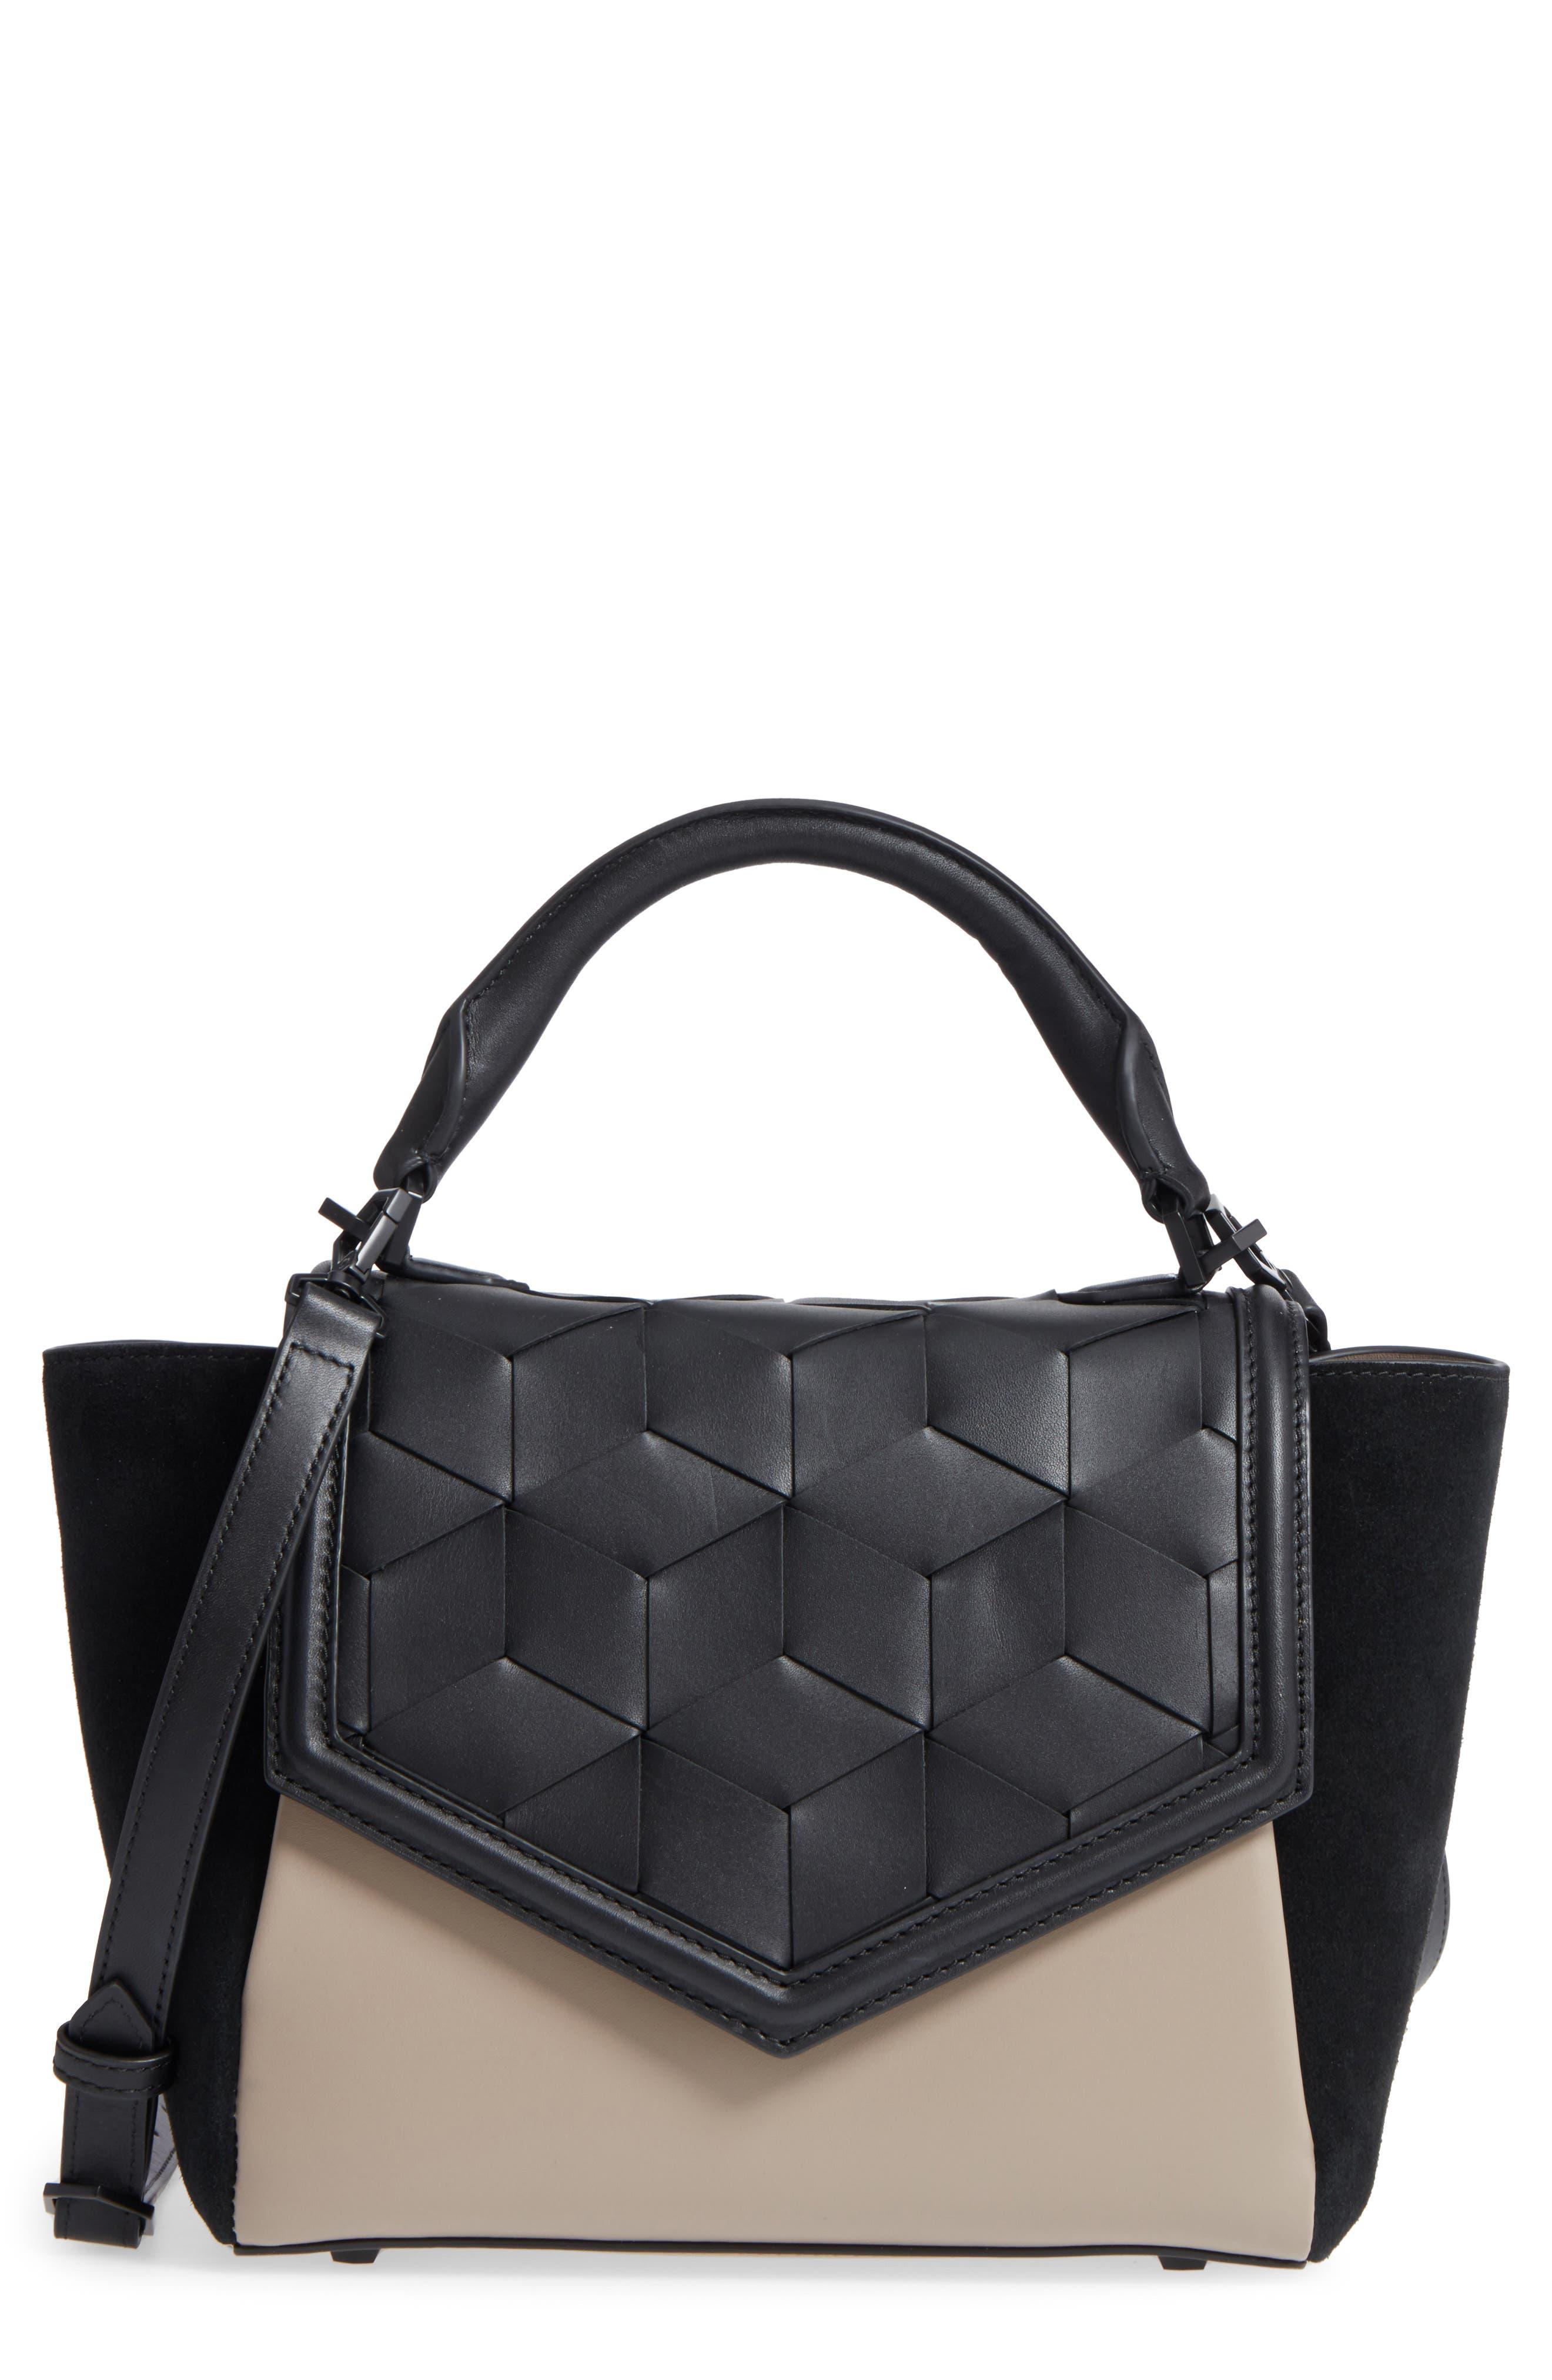 Main Image - WELDEN Small Saunter Colorblocked Leather & Suede Top Handle Satchel